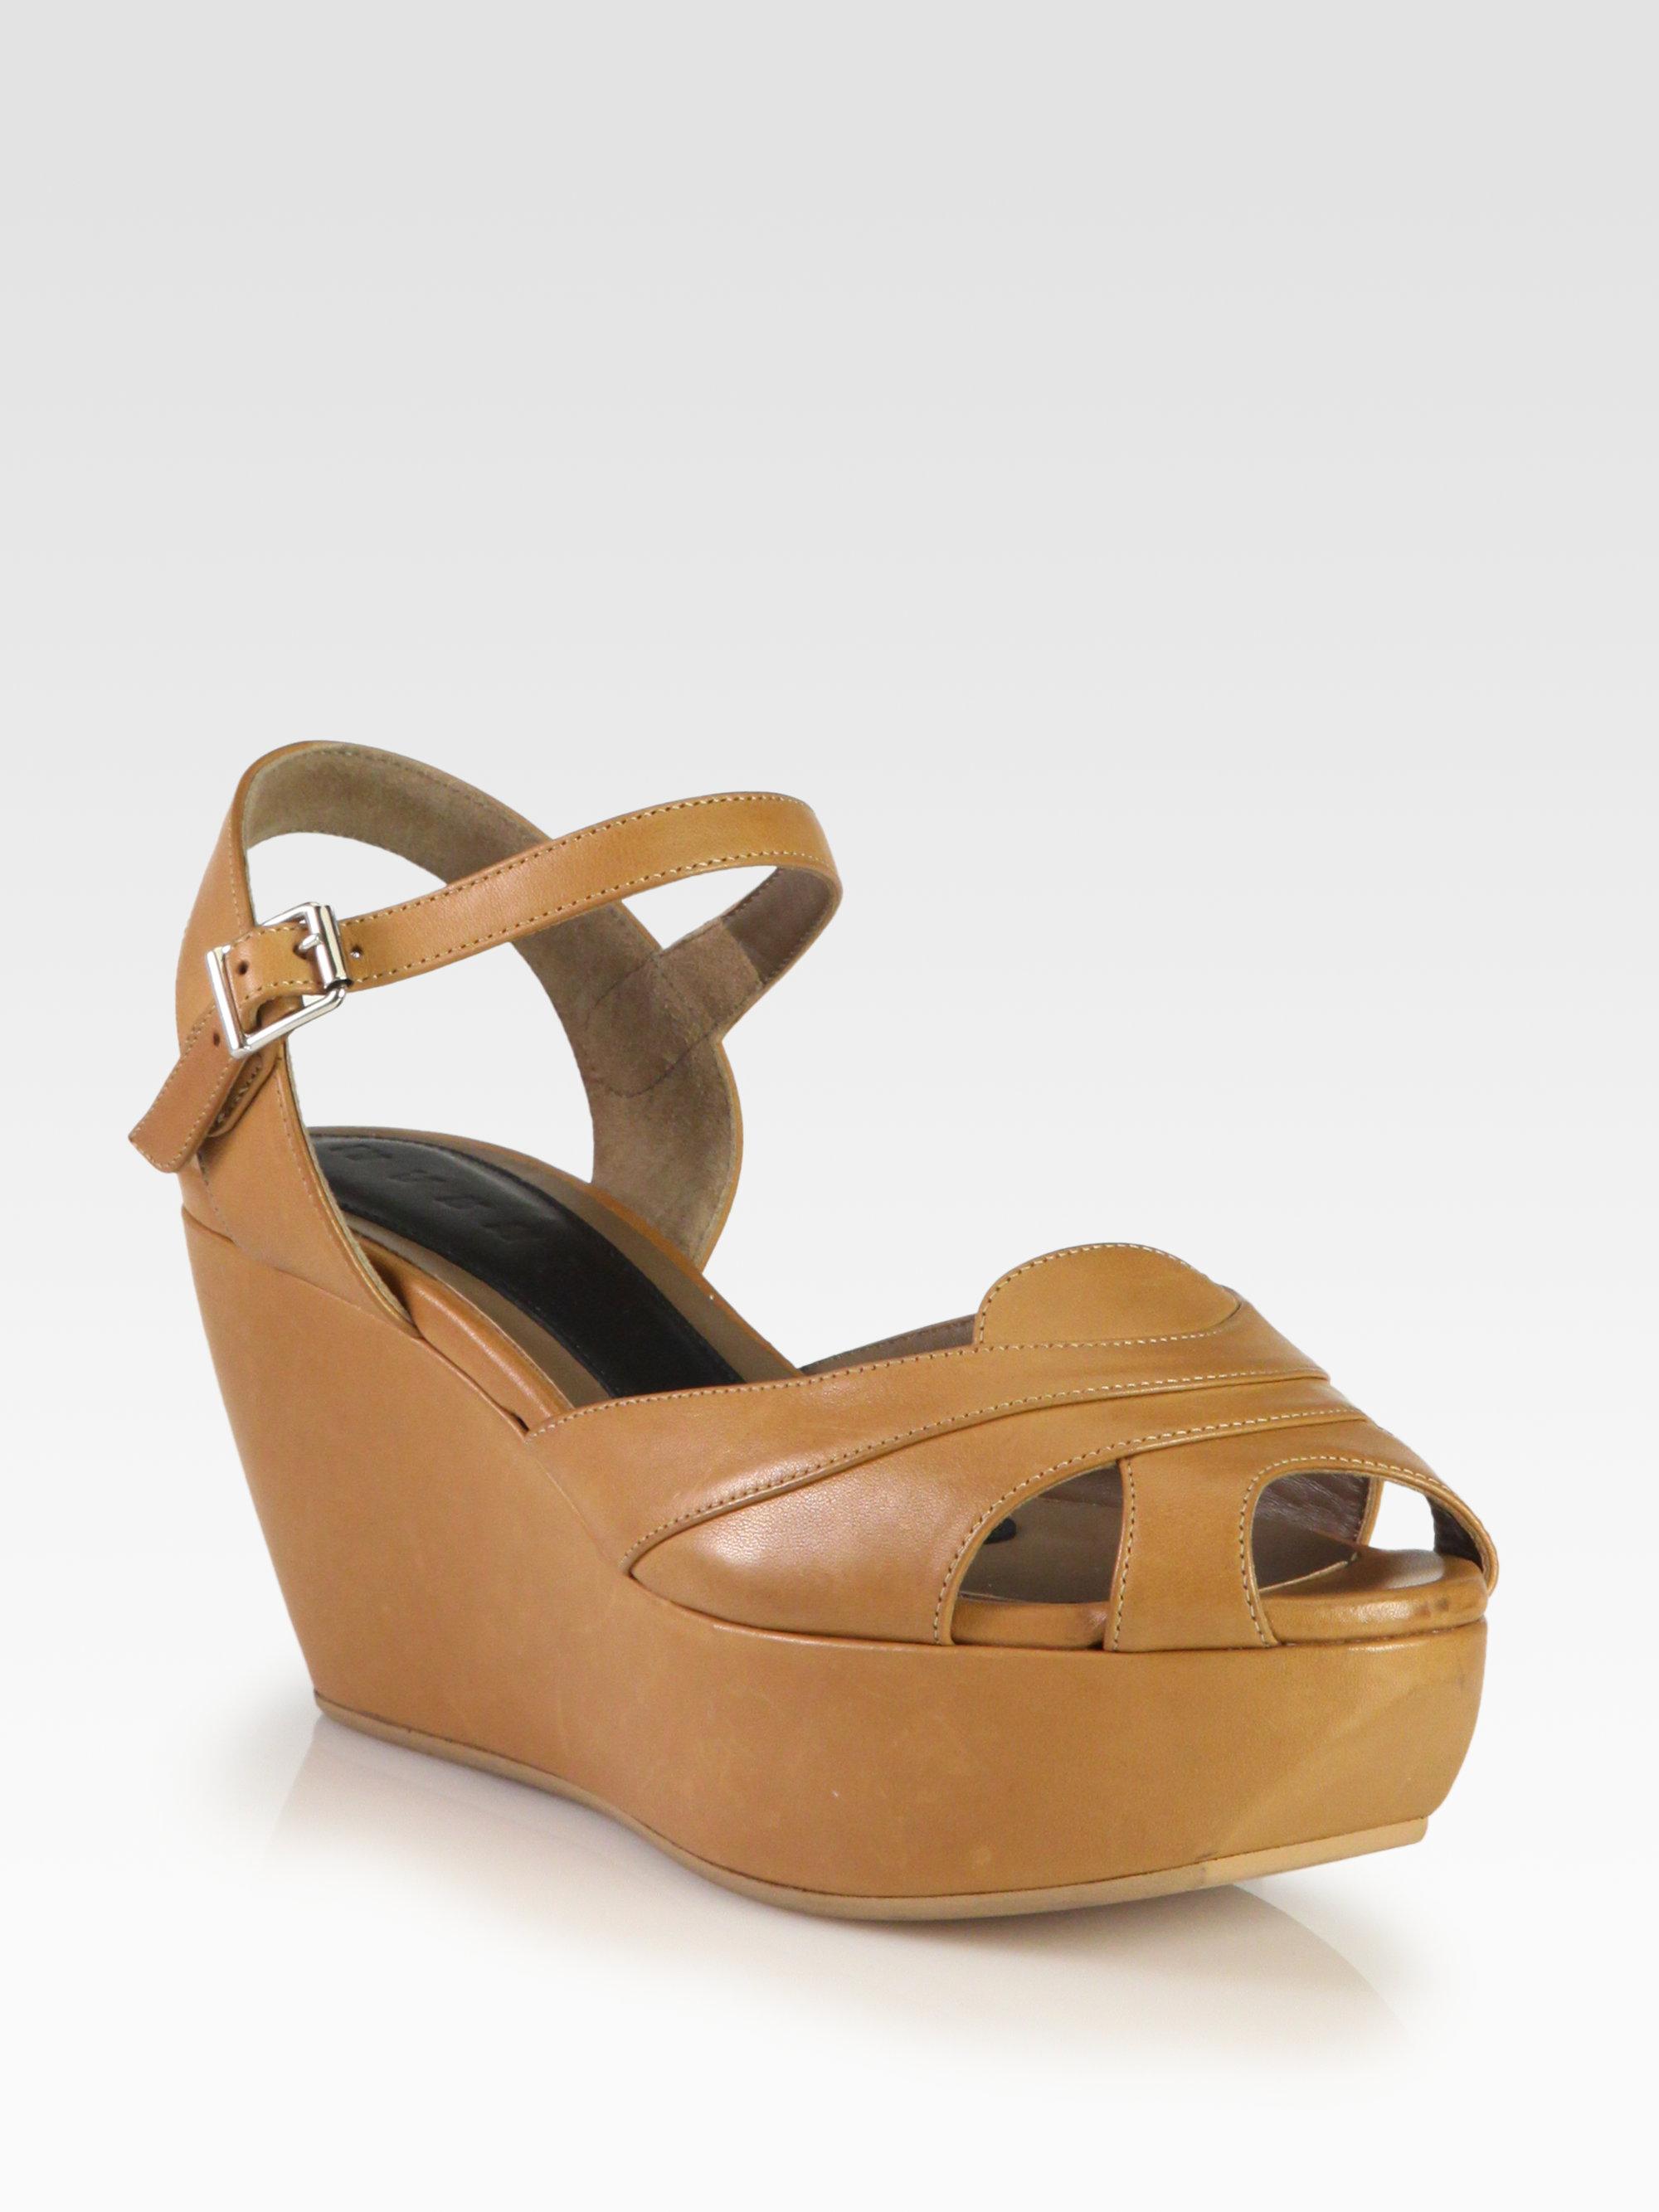 Marni Wedge platform sandals Outlet Shop Offer Buy Cheap Extremely Sale Visit EfFFiqukGO